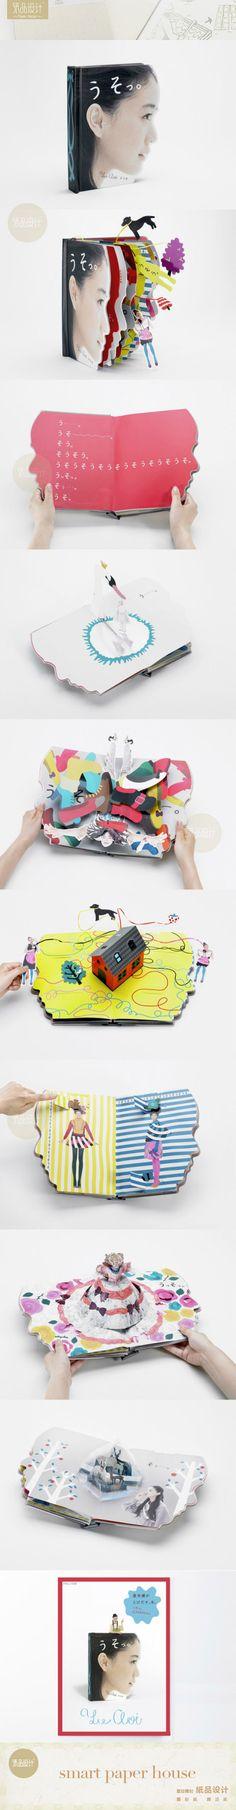 日本女演员苍井优( 本名夏井优) 写真,很有意思的书籍装帧 Smart paper house. PD